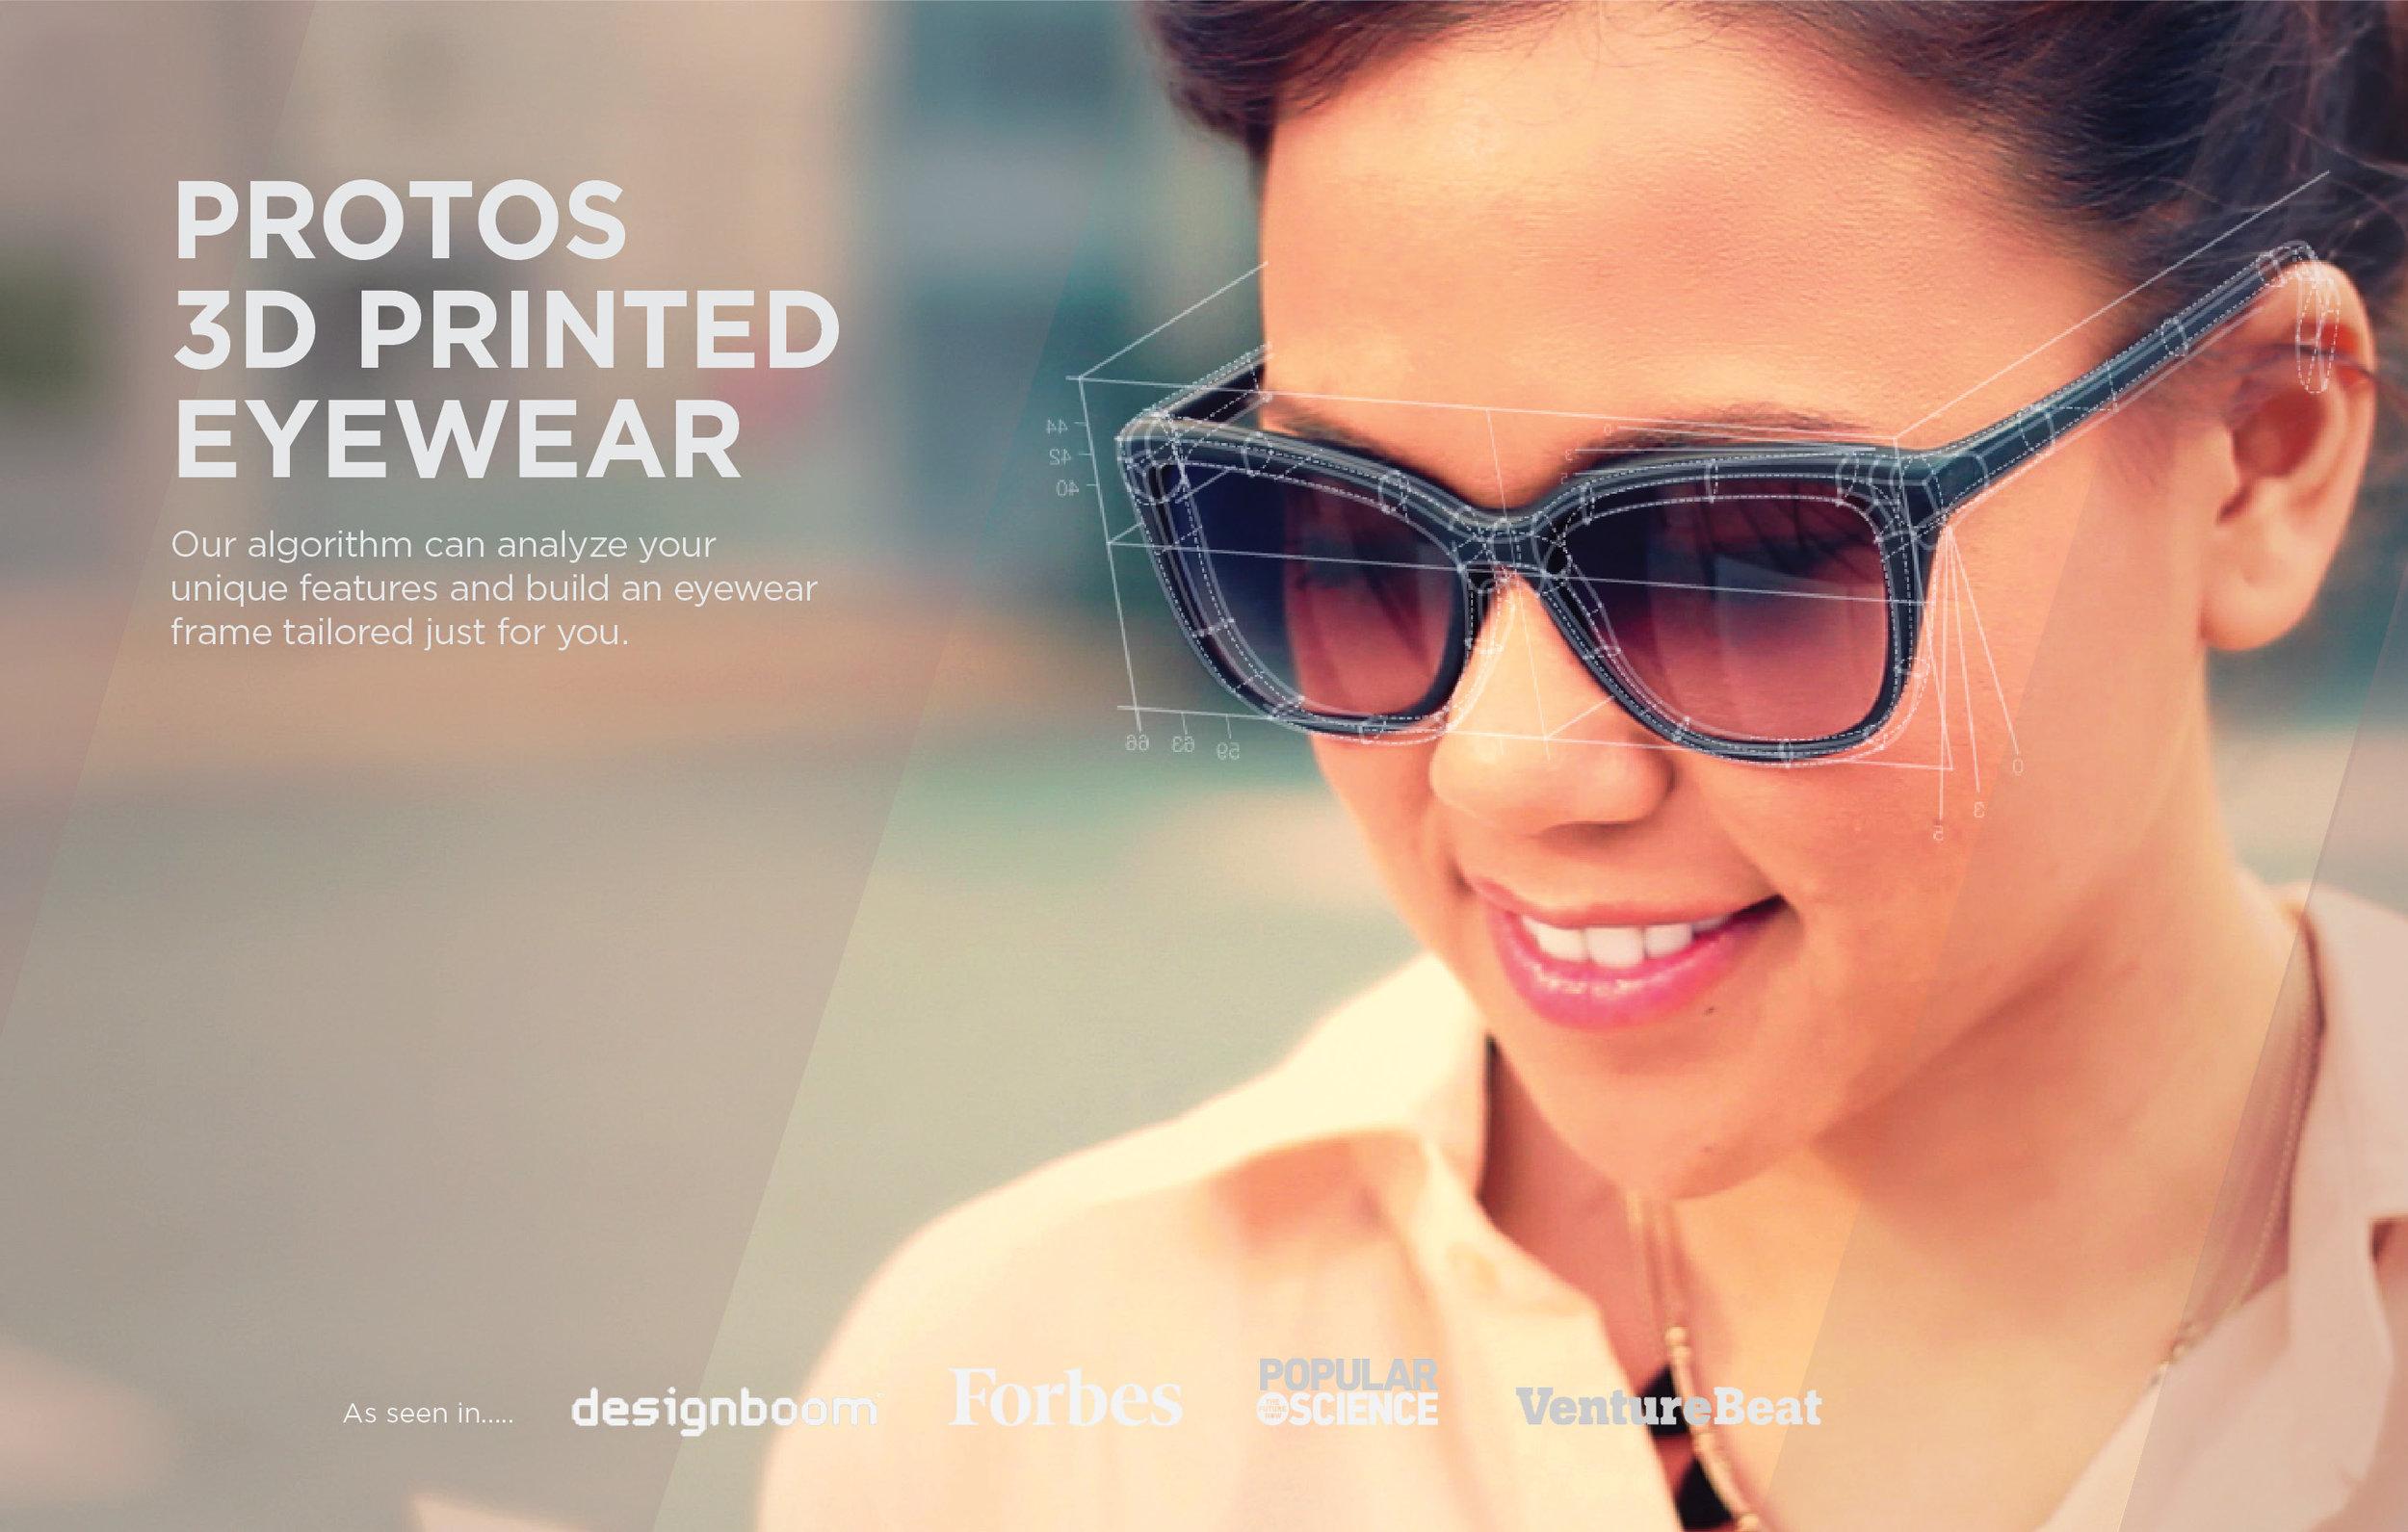 ProtosEyewear-July2018.jpg